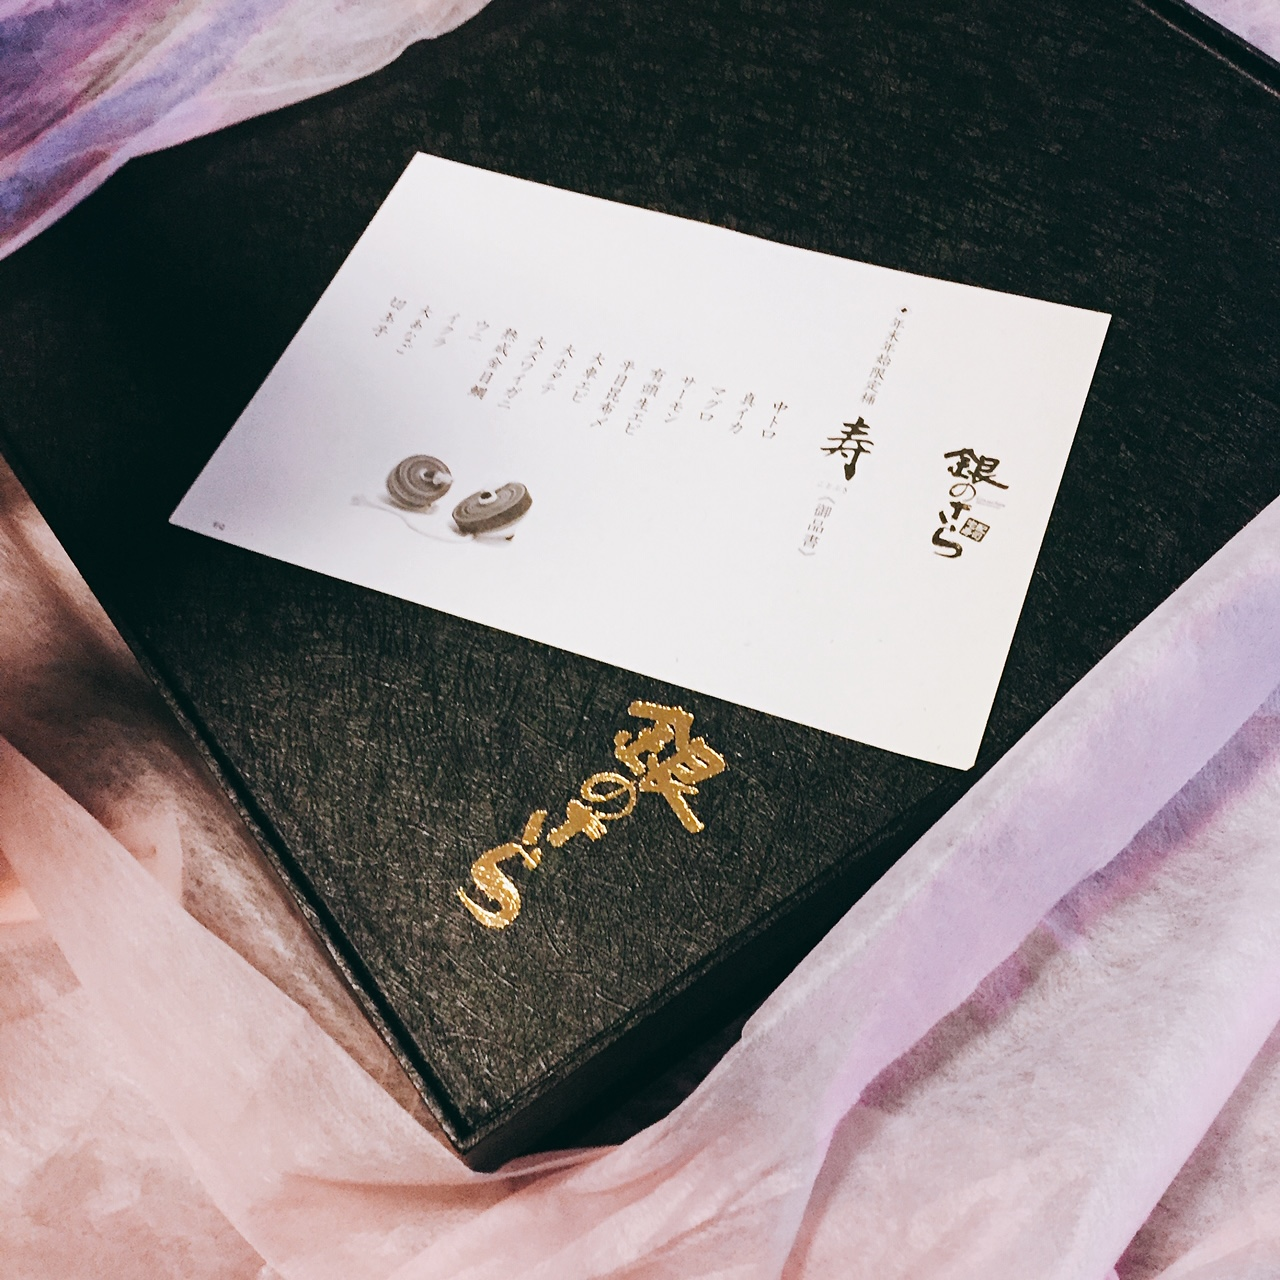 【宅配】銀のさら/寿司と言えばド安定のココ。年末年始は高級感がある包装の「寿」を5人前頼んで満腹。